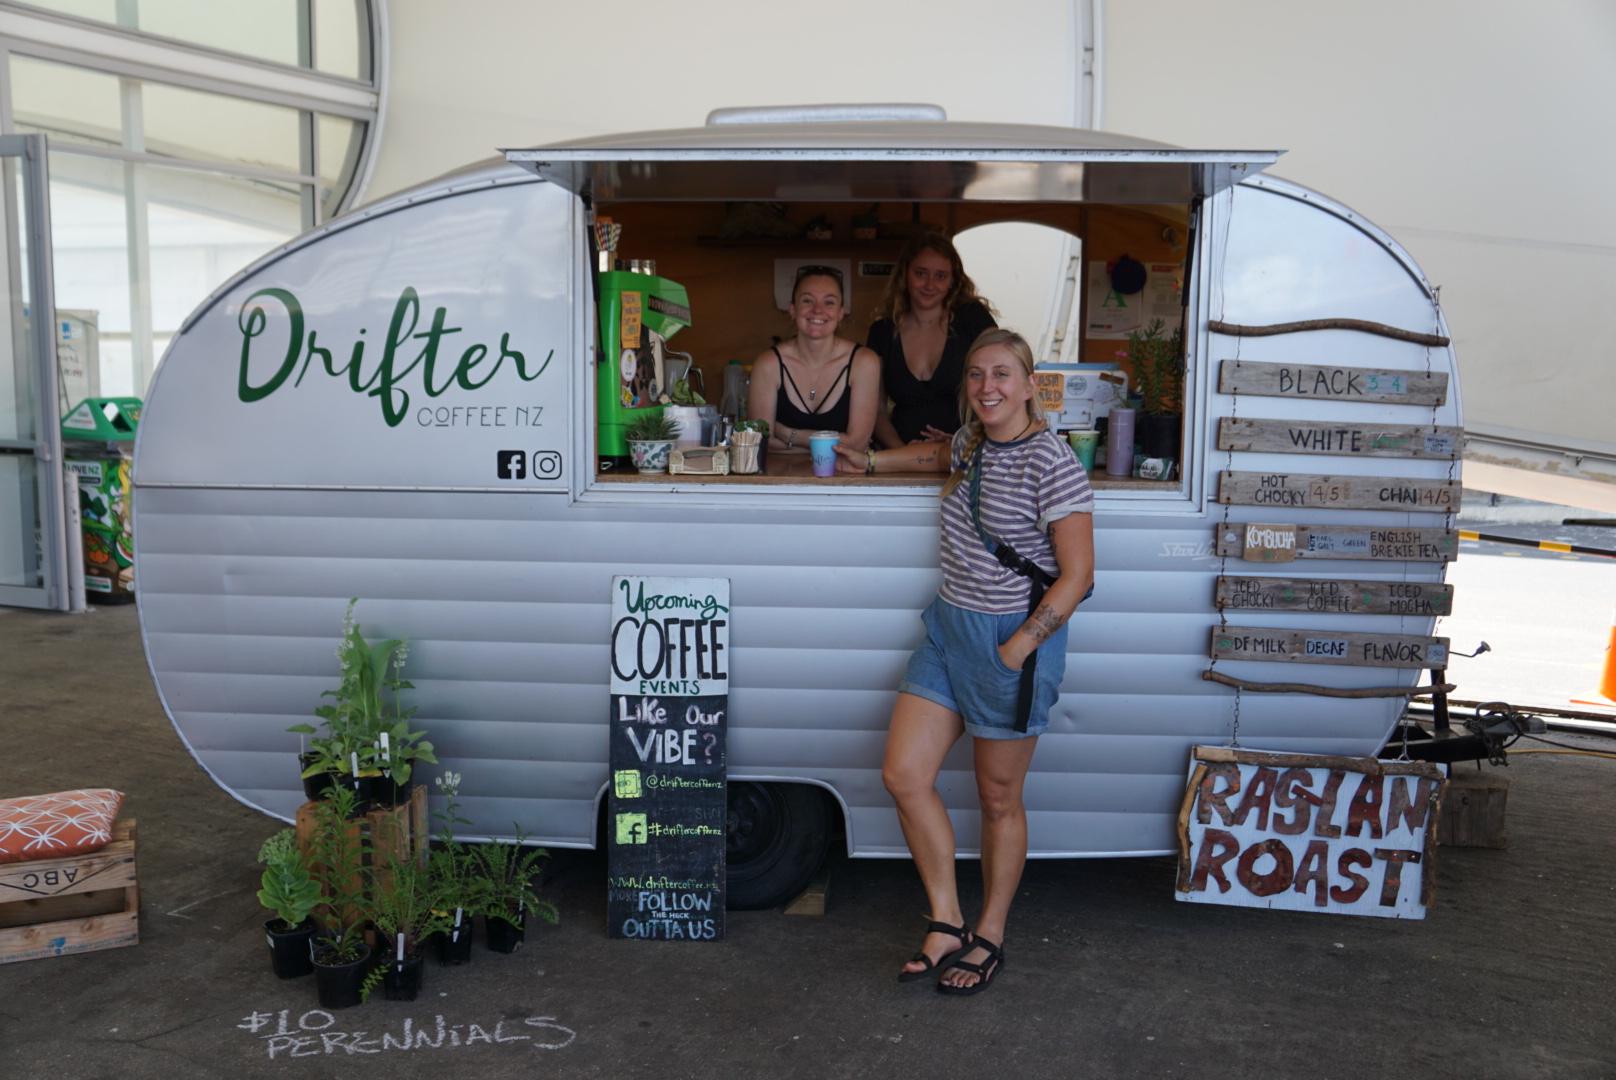 Drifter Coffee NZ